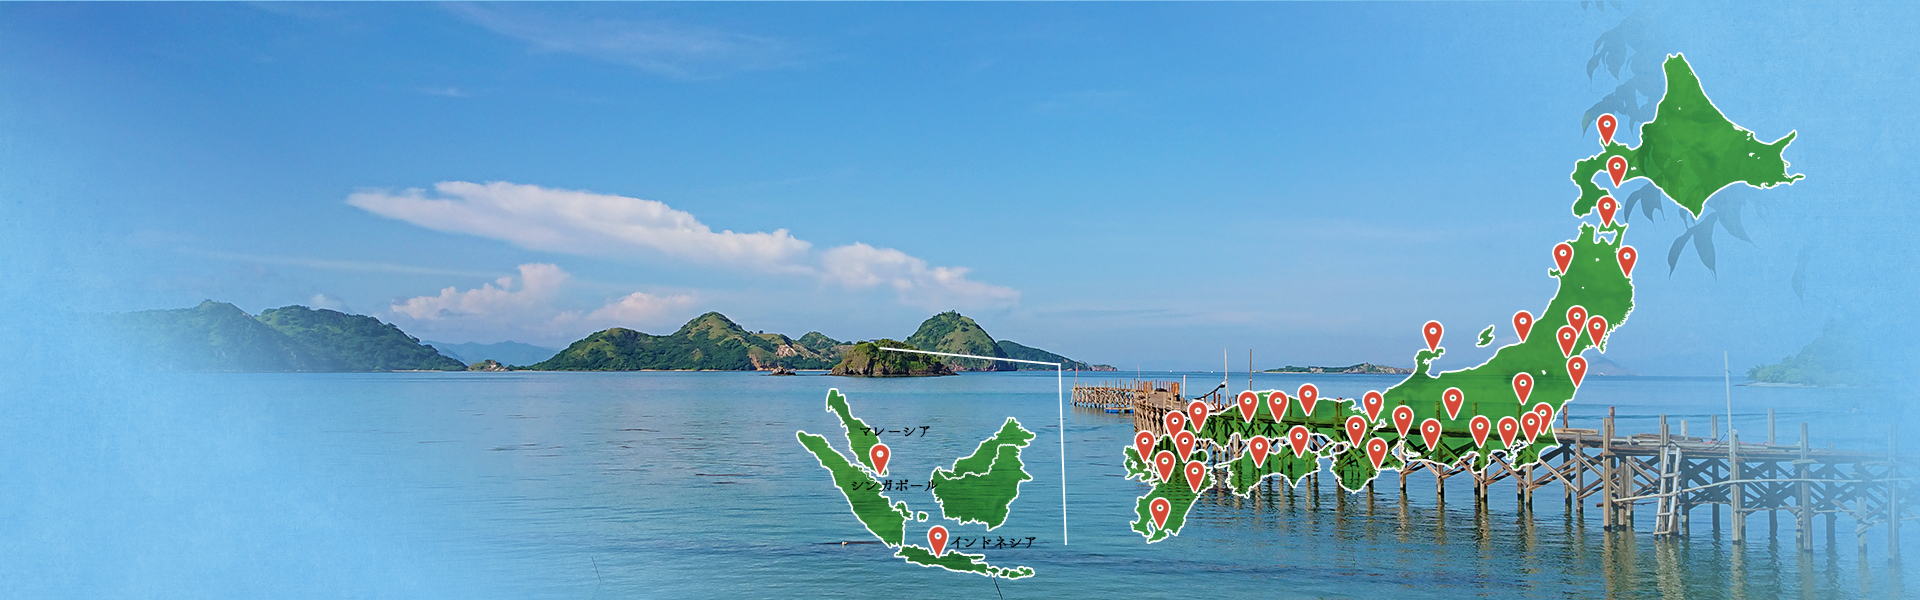 評価の高い技術力。日本全国・東南アジアにわたる施工実績